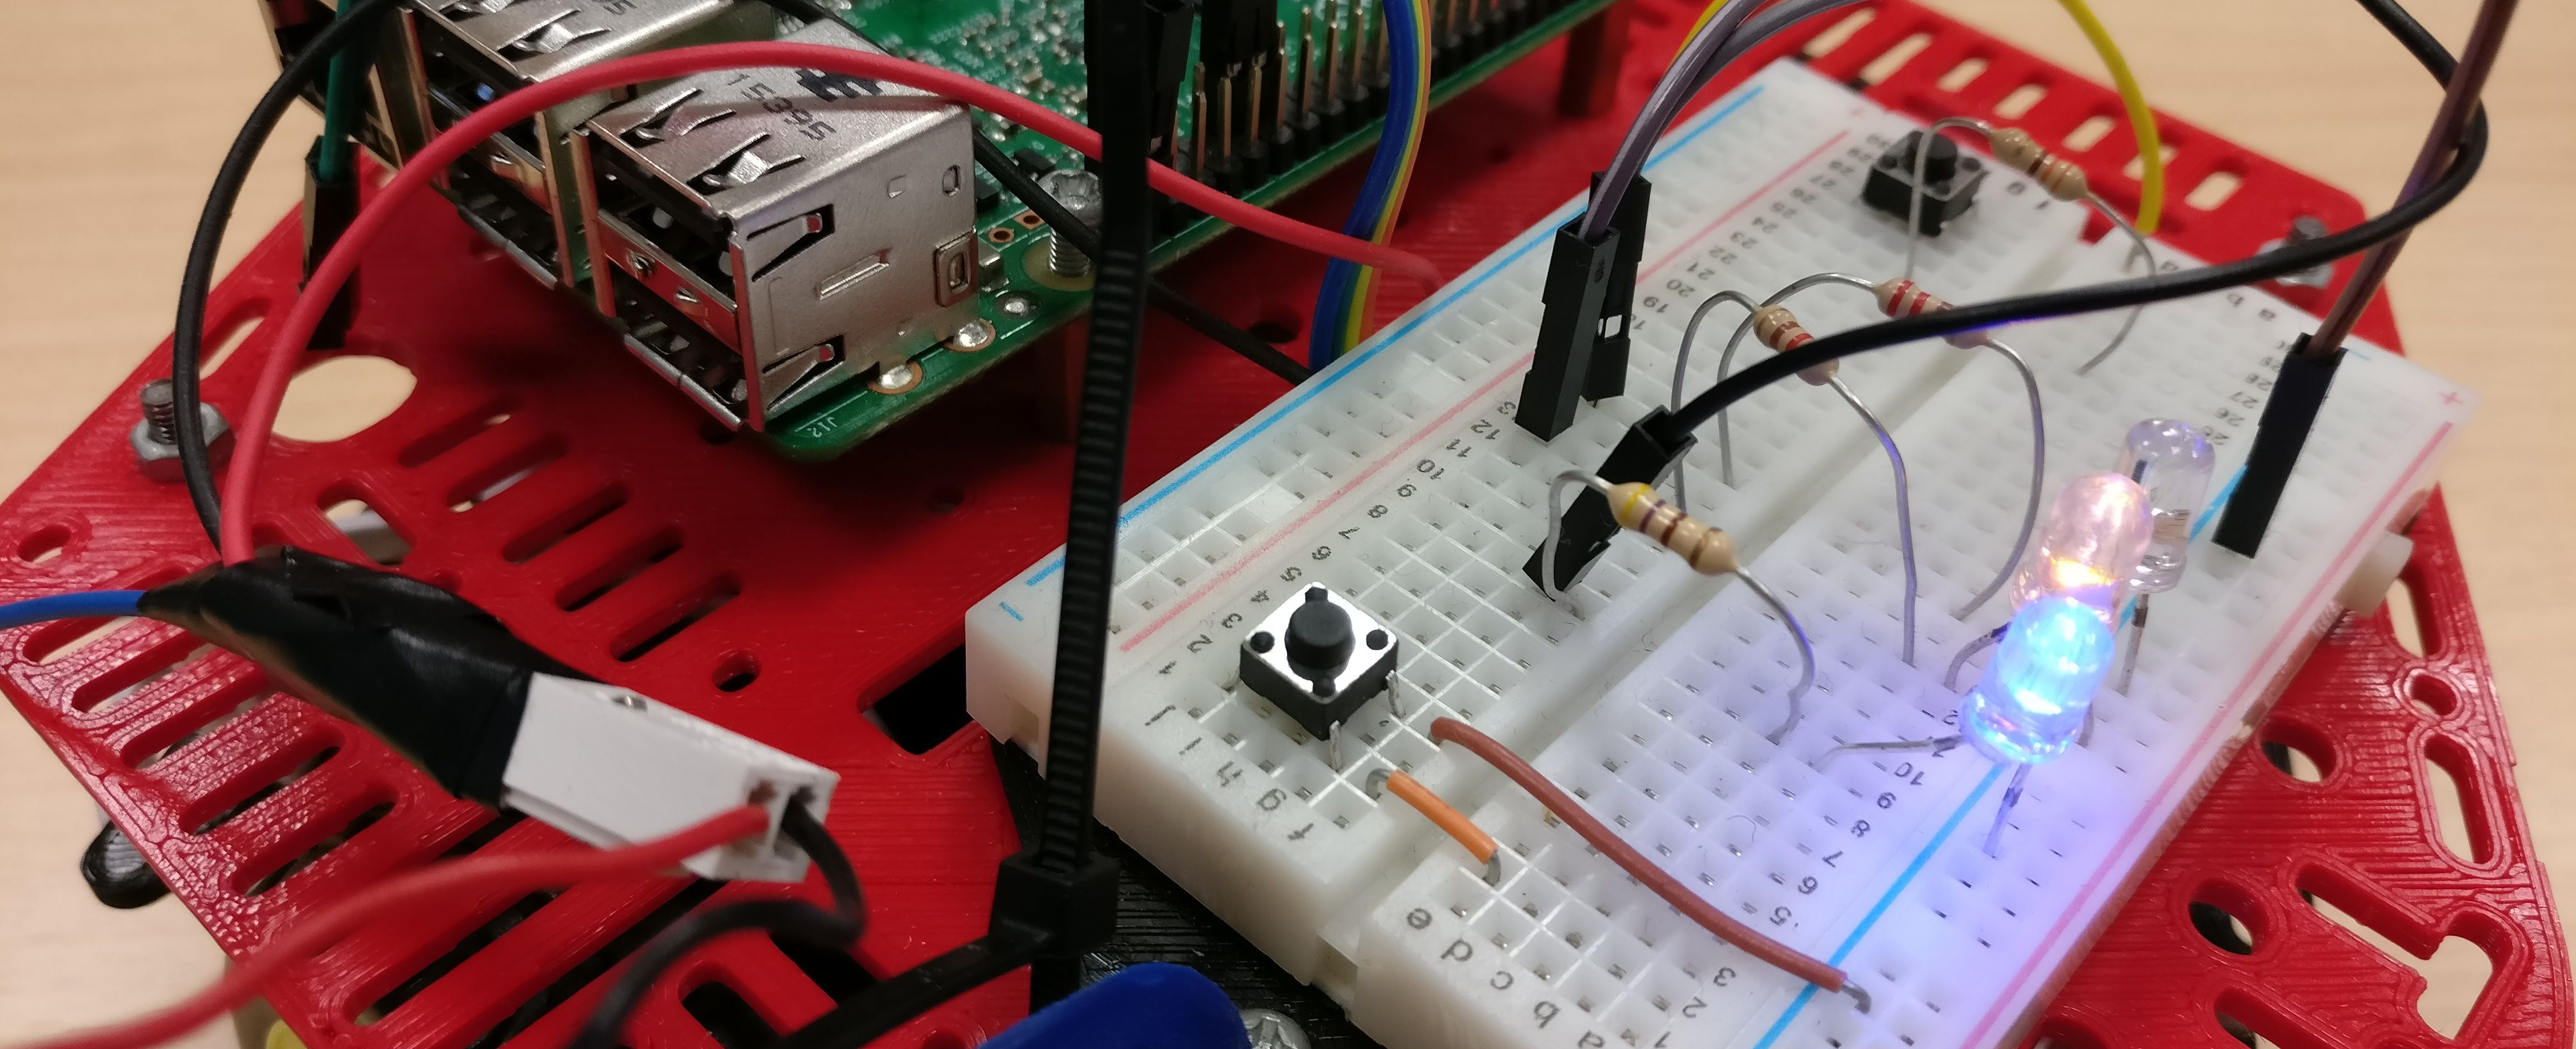 DotBot bottone tutorial ROS Raspberry